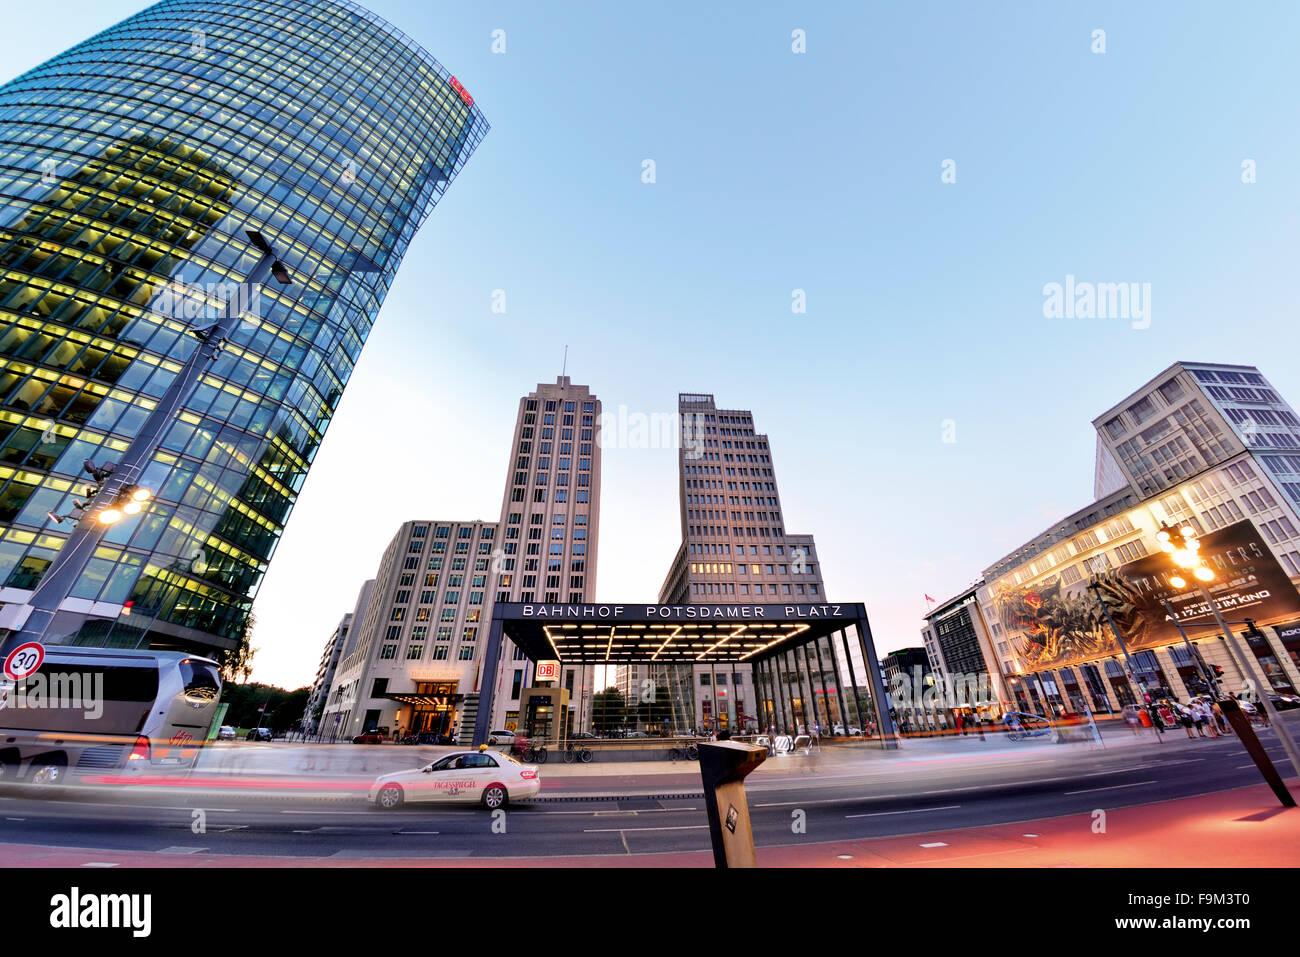 Deutschland, Berlin: Moderne Architektur mit nächtlicher Beleuchtung am Potsdamer Platz Stockbild